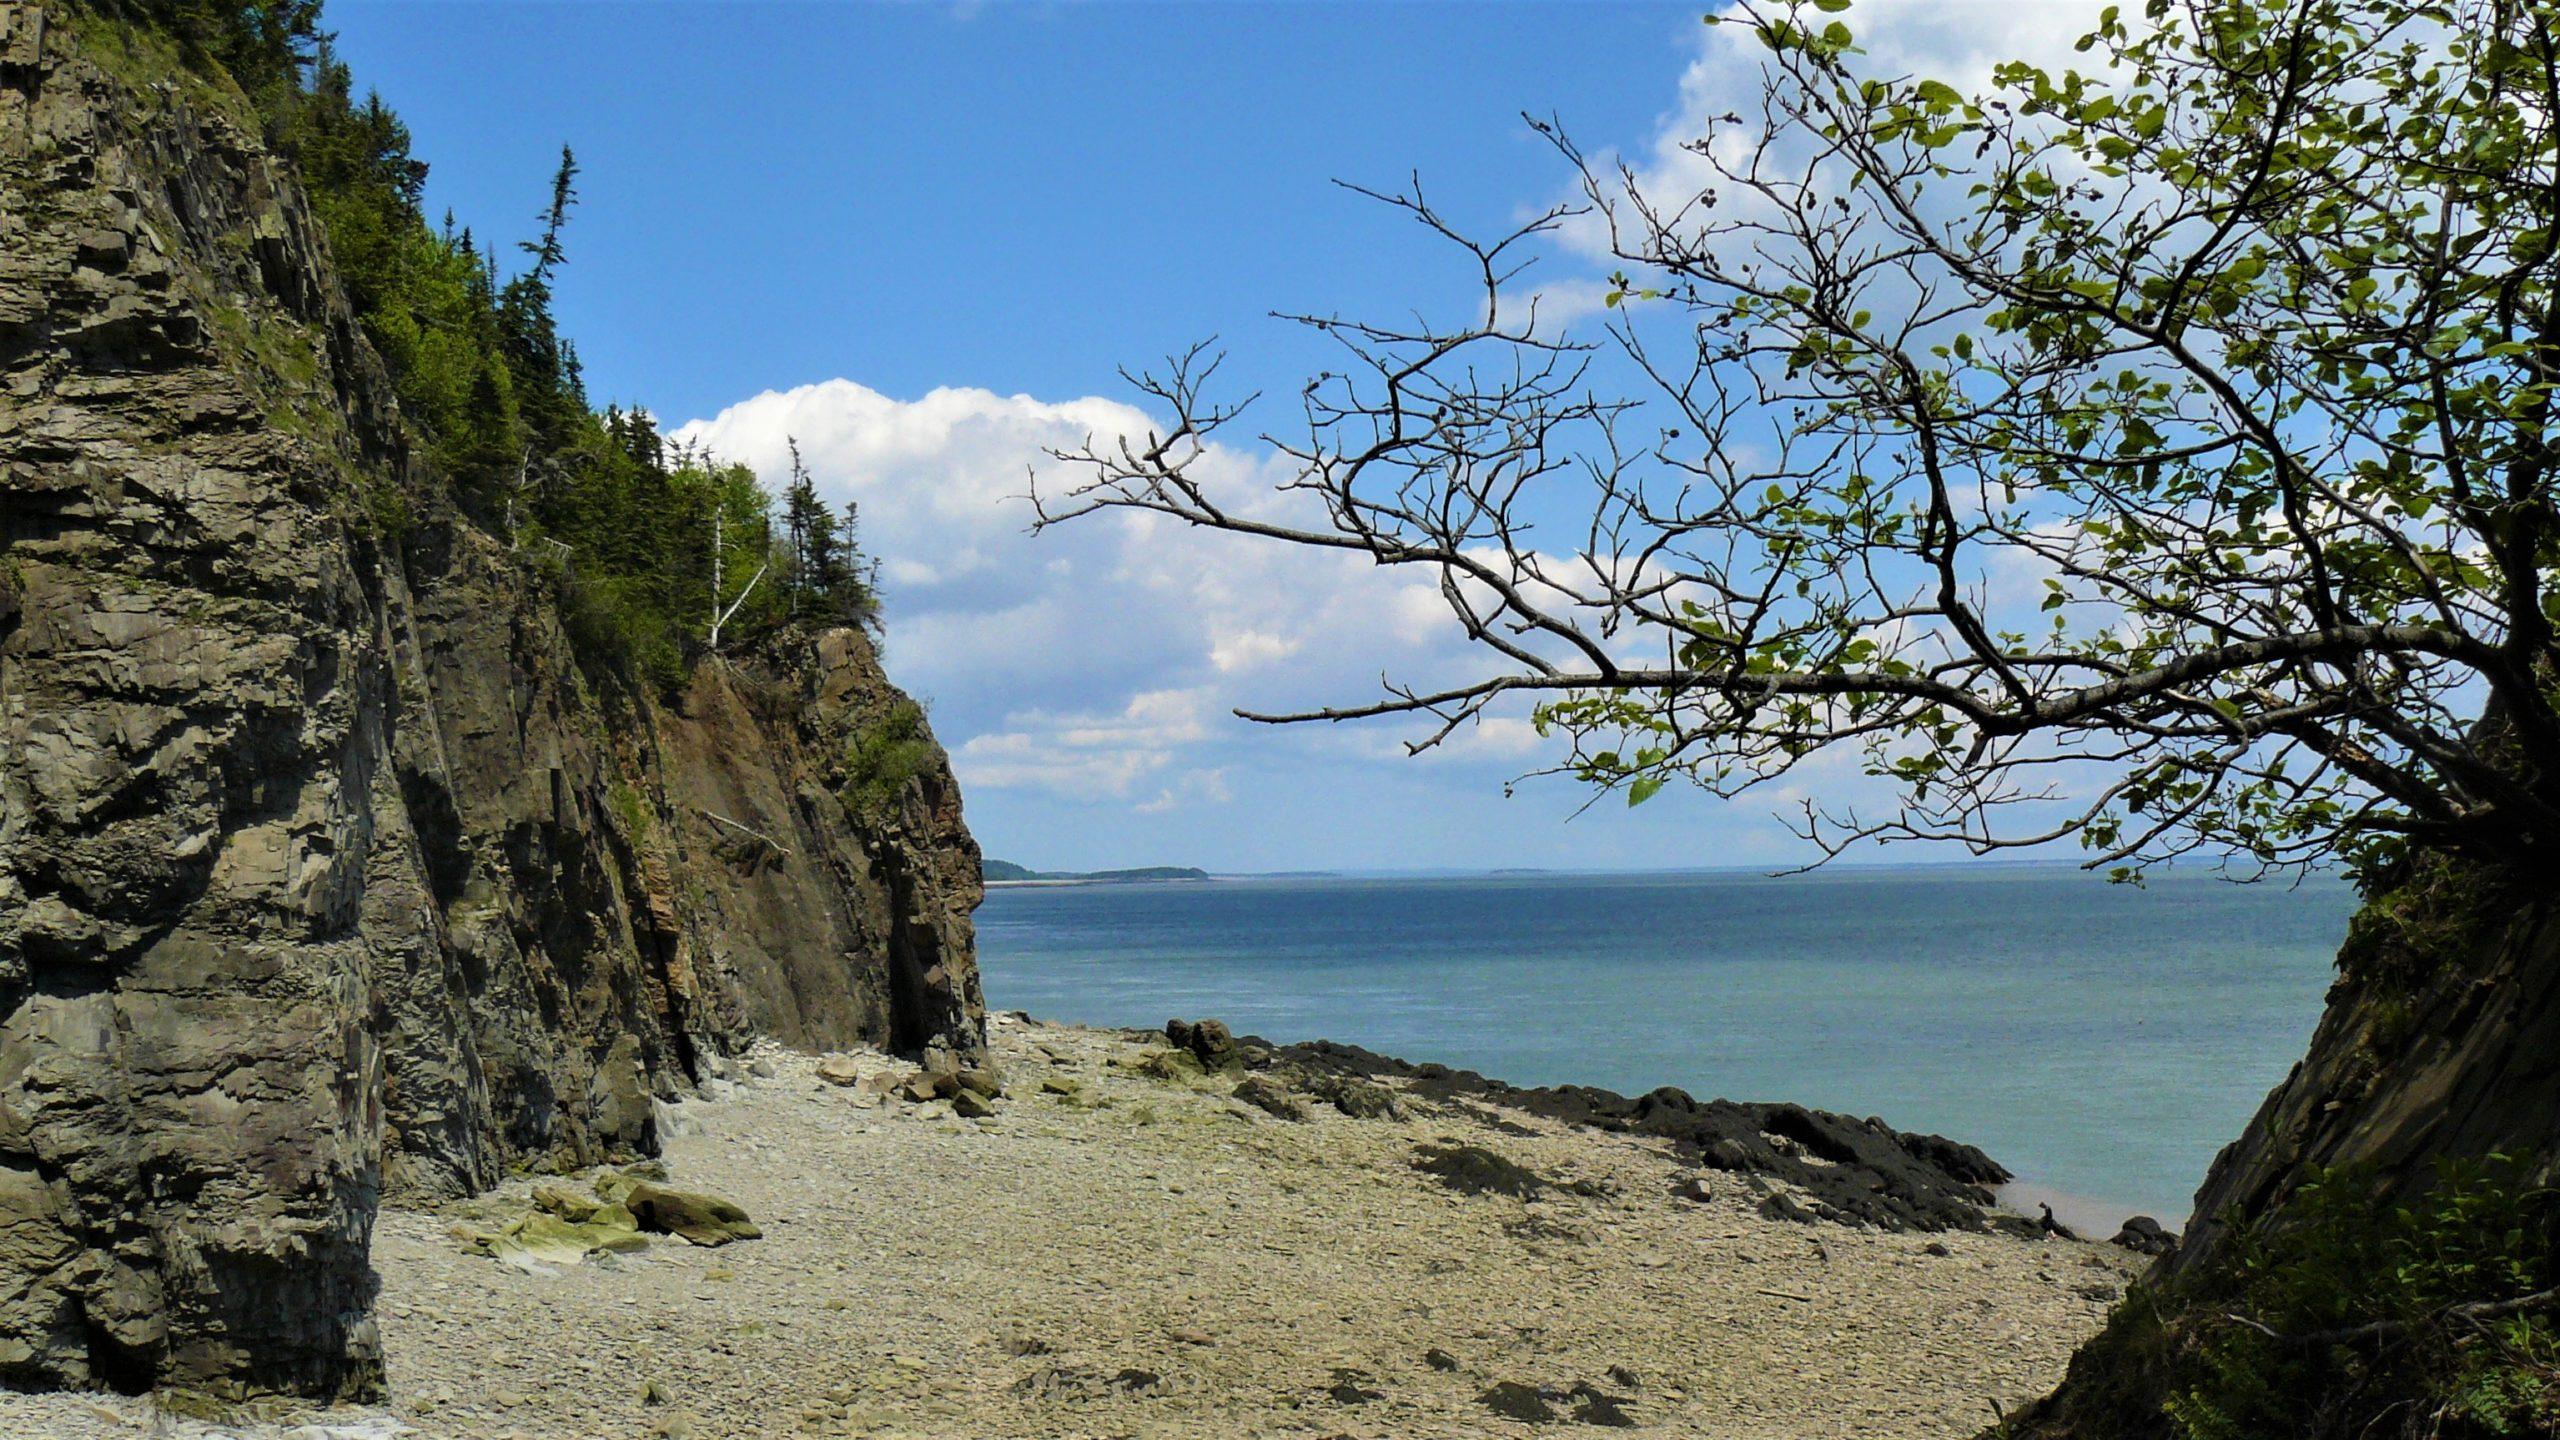 Cap Enragé plage de l'île Barn Marsh baie de fundy redécouvrir nouveau-Brunswick